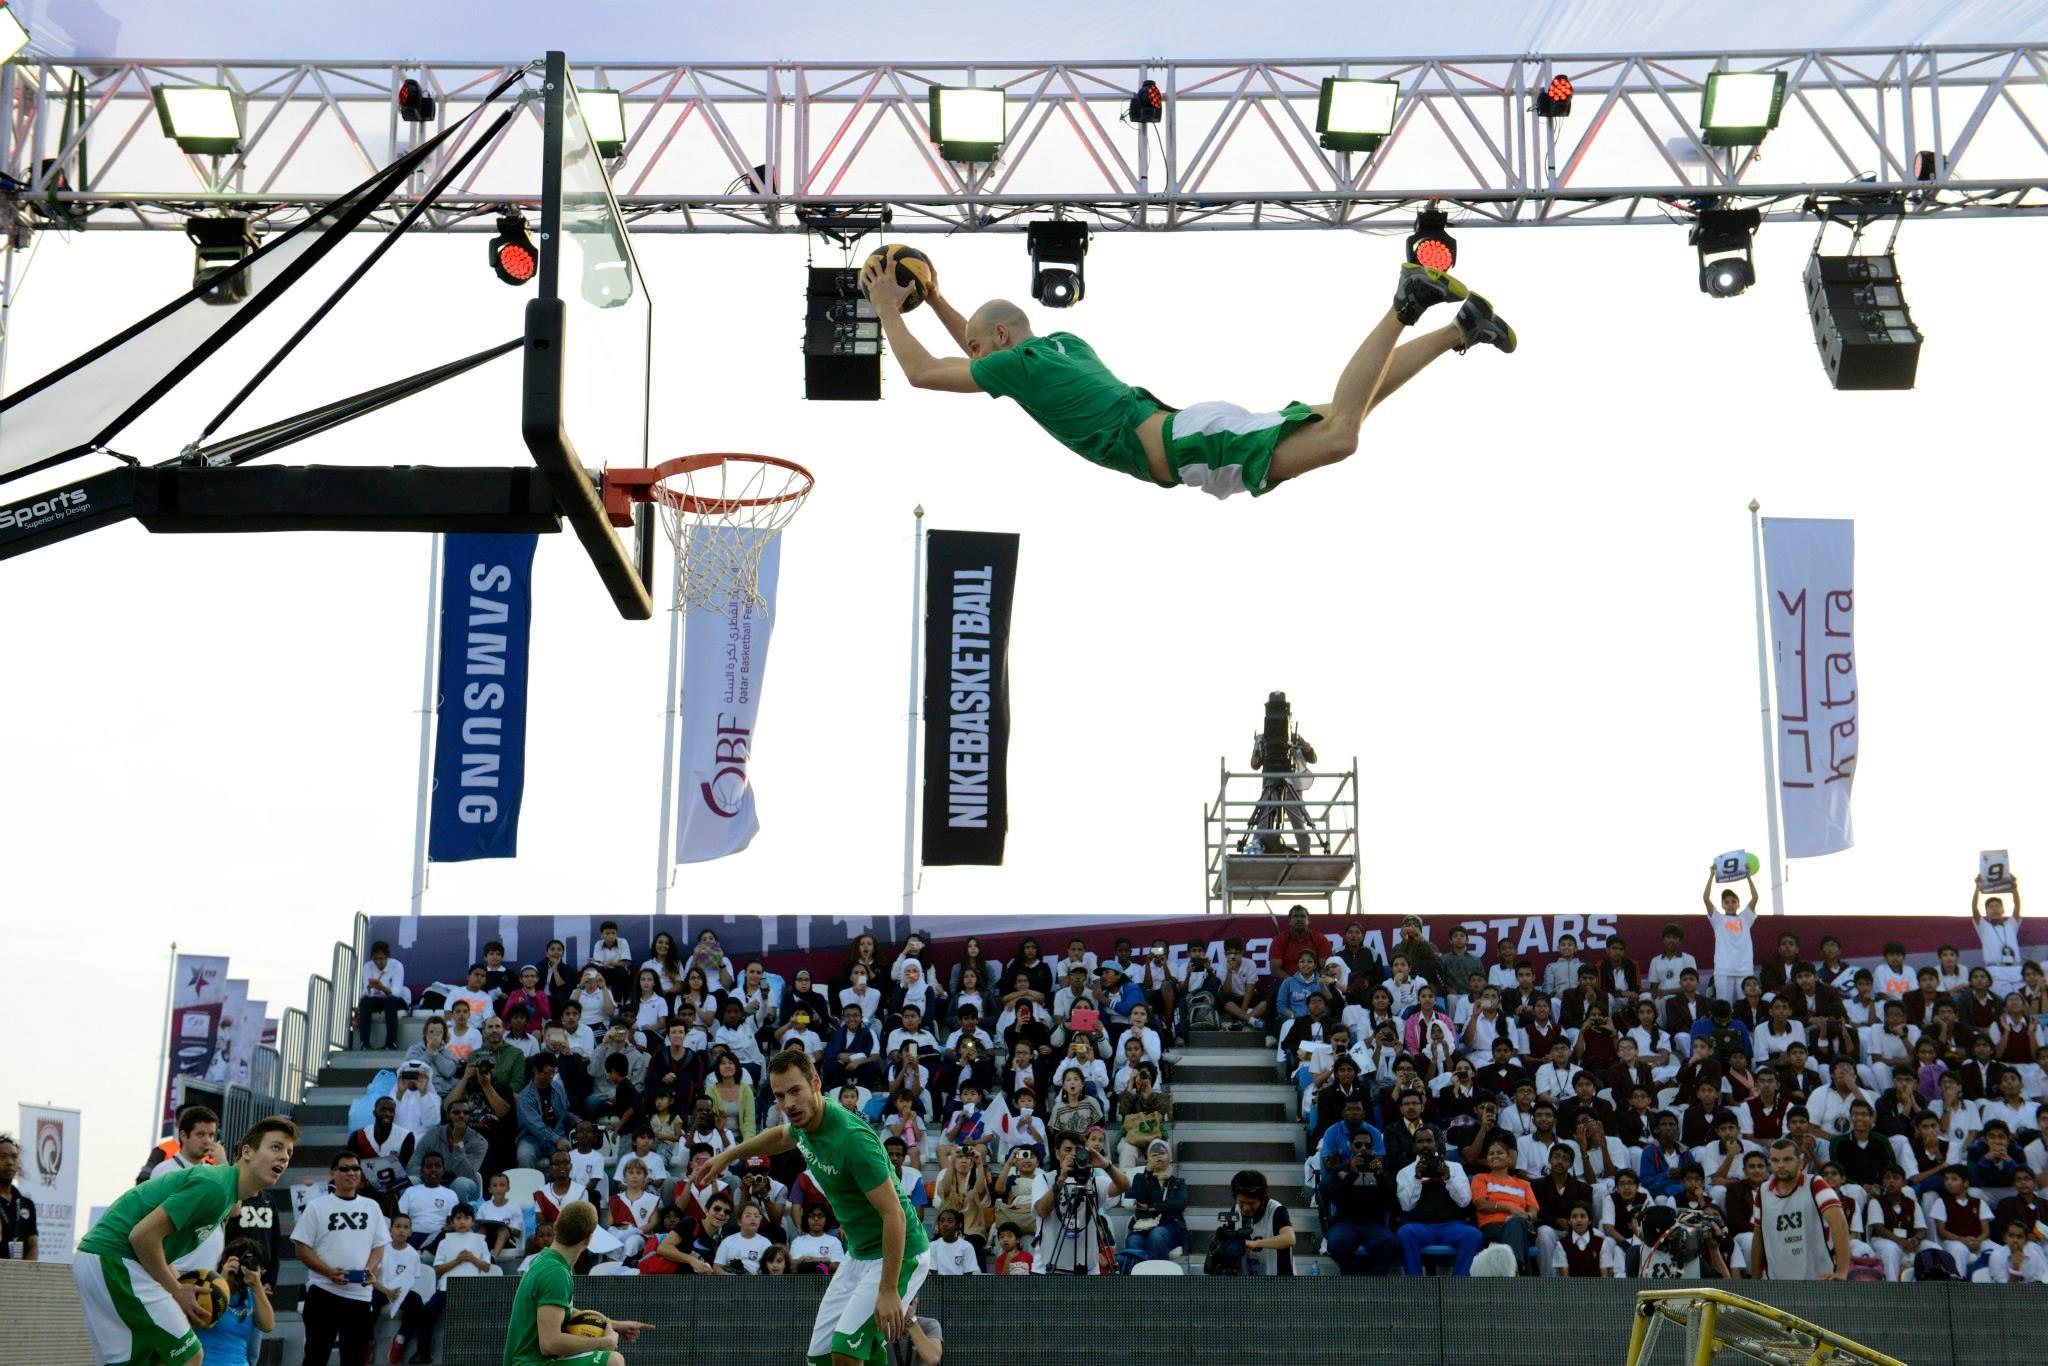 Fiba Com National Basketball League Usa Basketball Basketball News